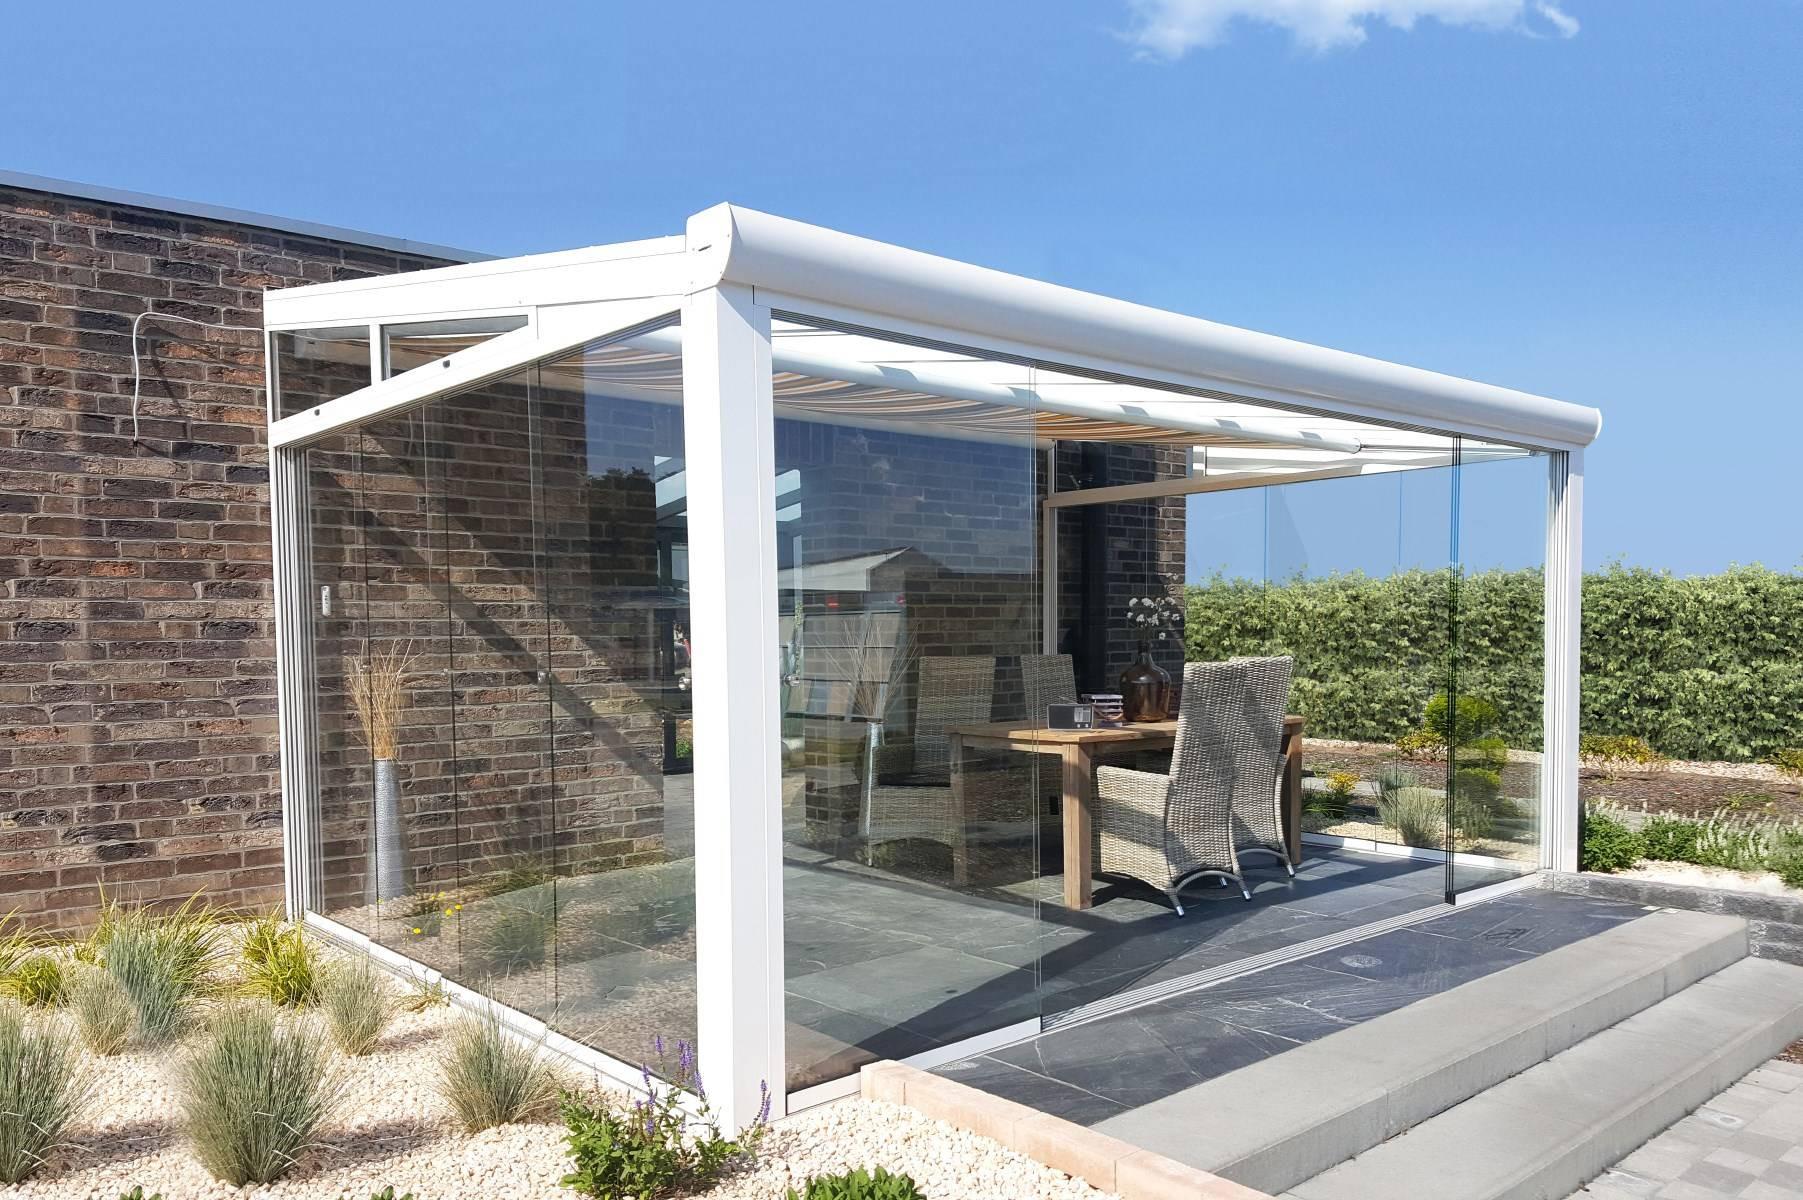 البيوت الزجاجية والملاحق الخارجية